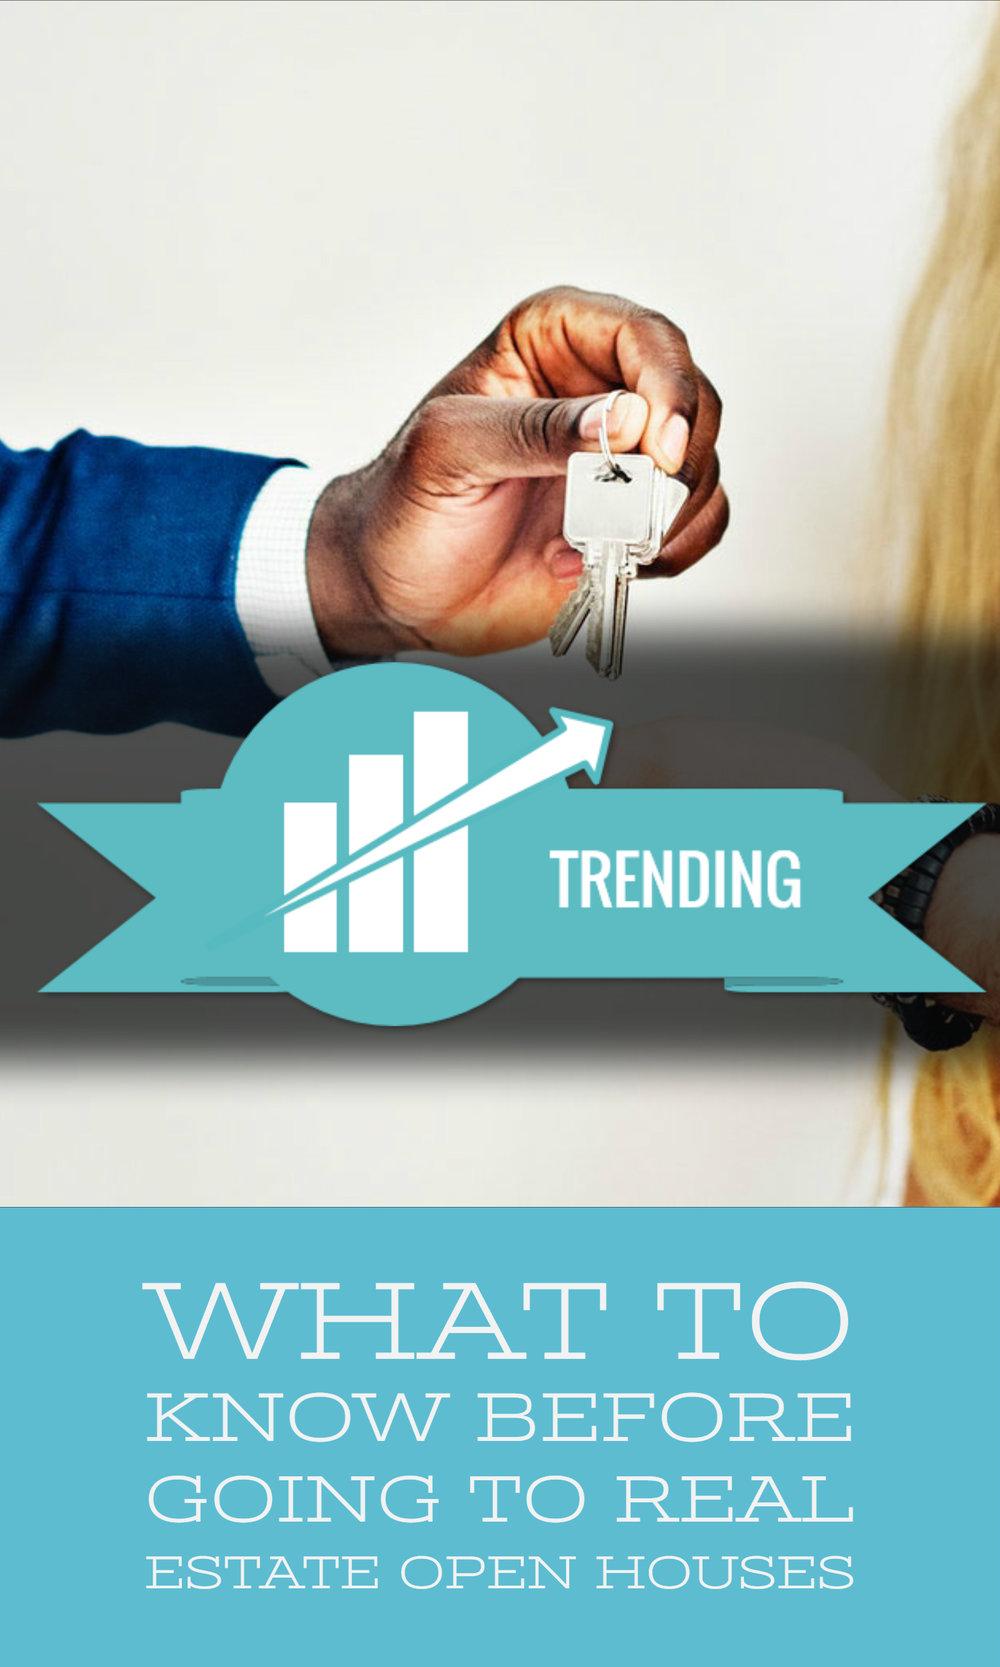 trending2.jpg